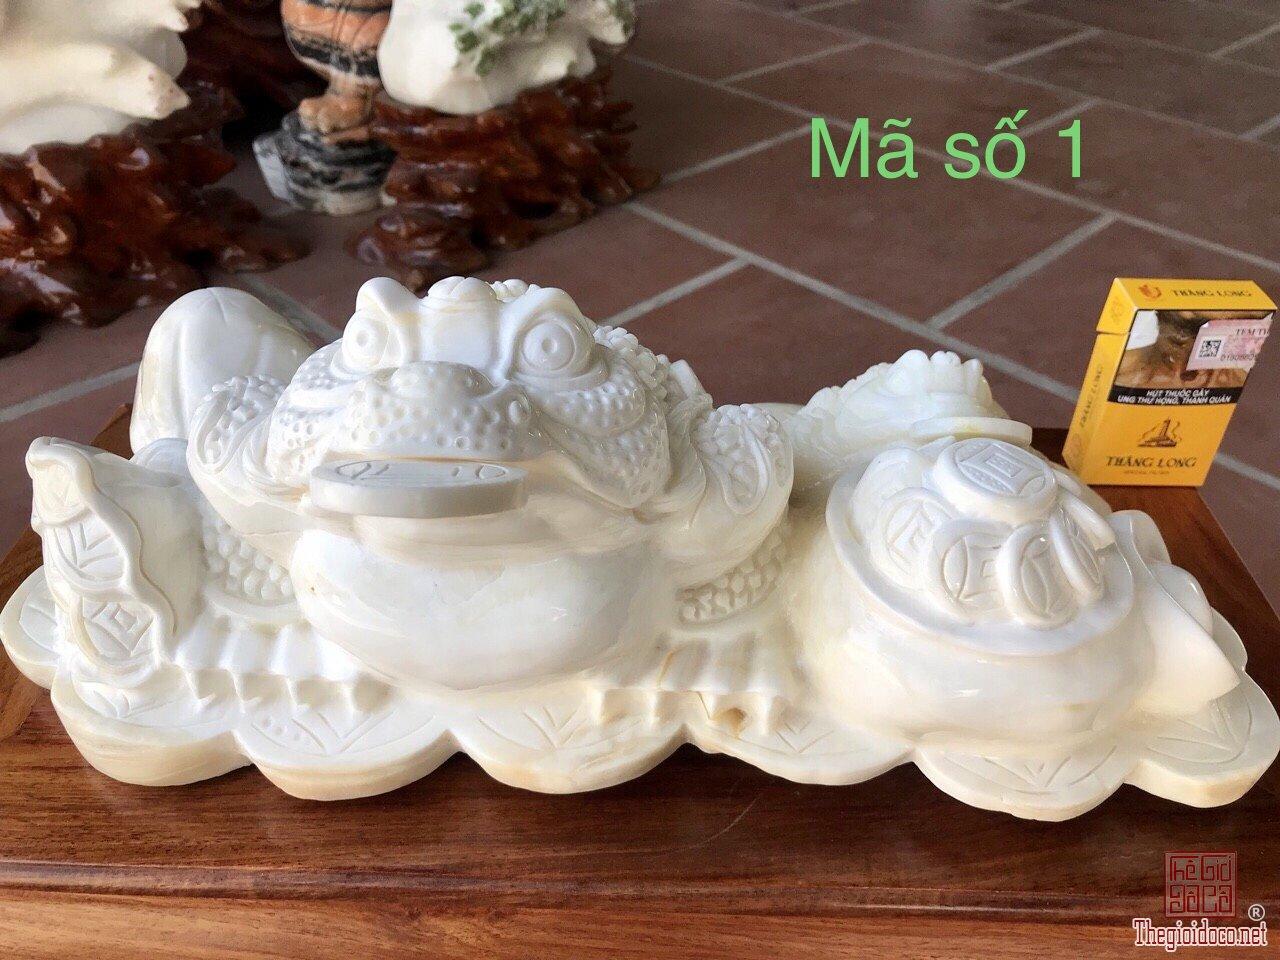 Điêu khắc vỏ sò.Giao lưu 9 cụ Thiềm Thừ,giá sỉ nhà sx.0968551668